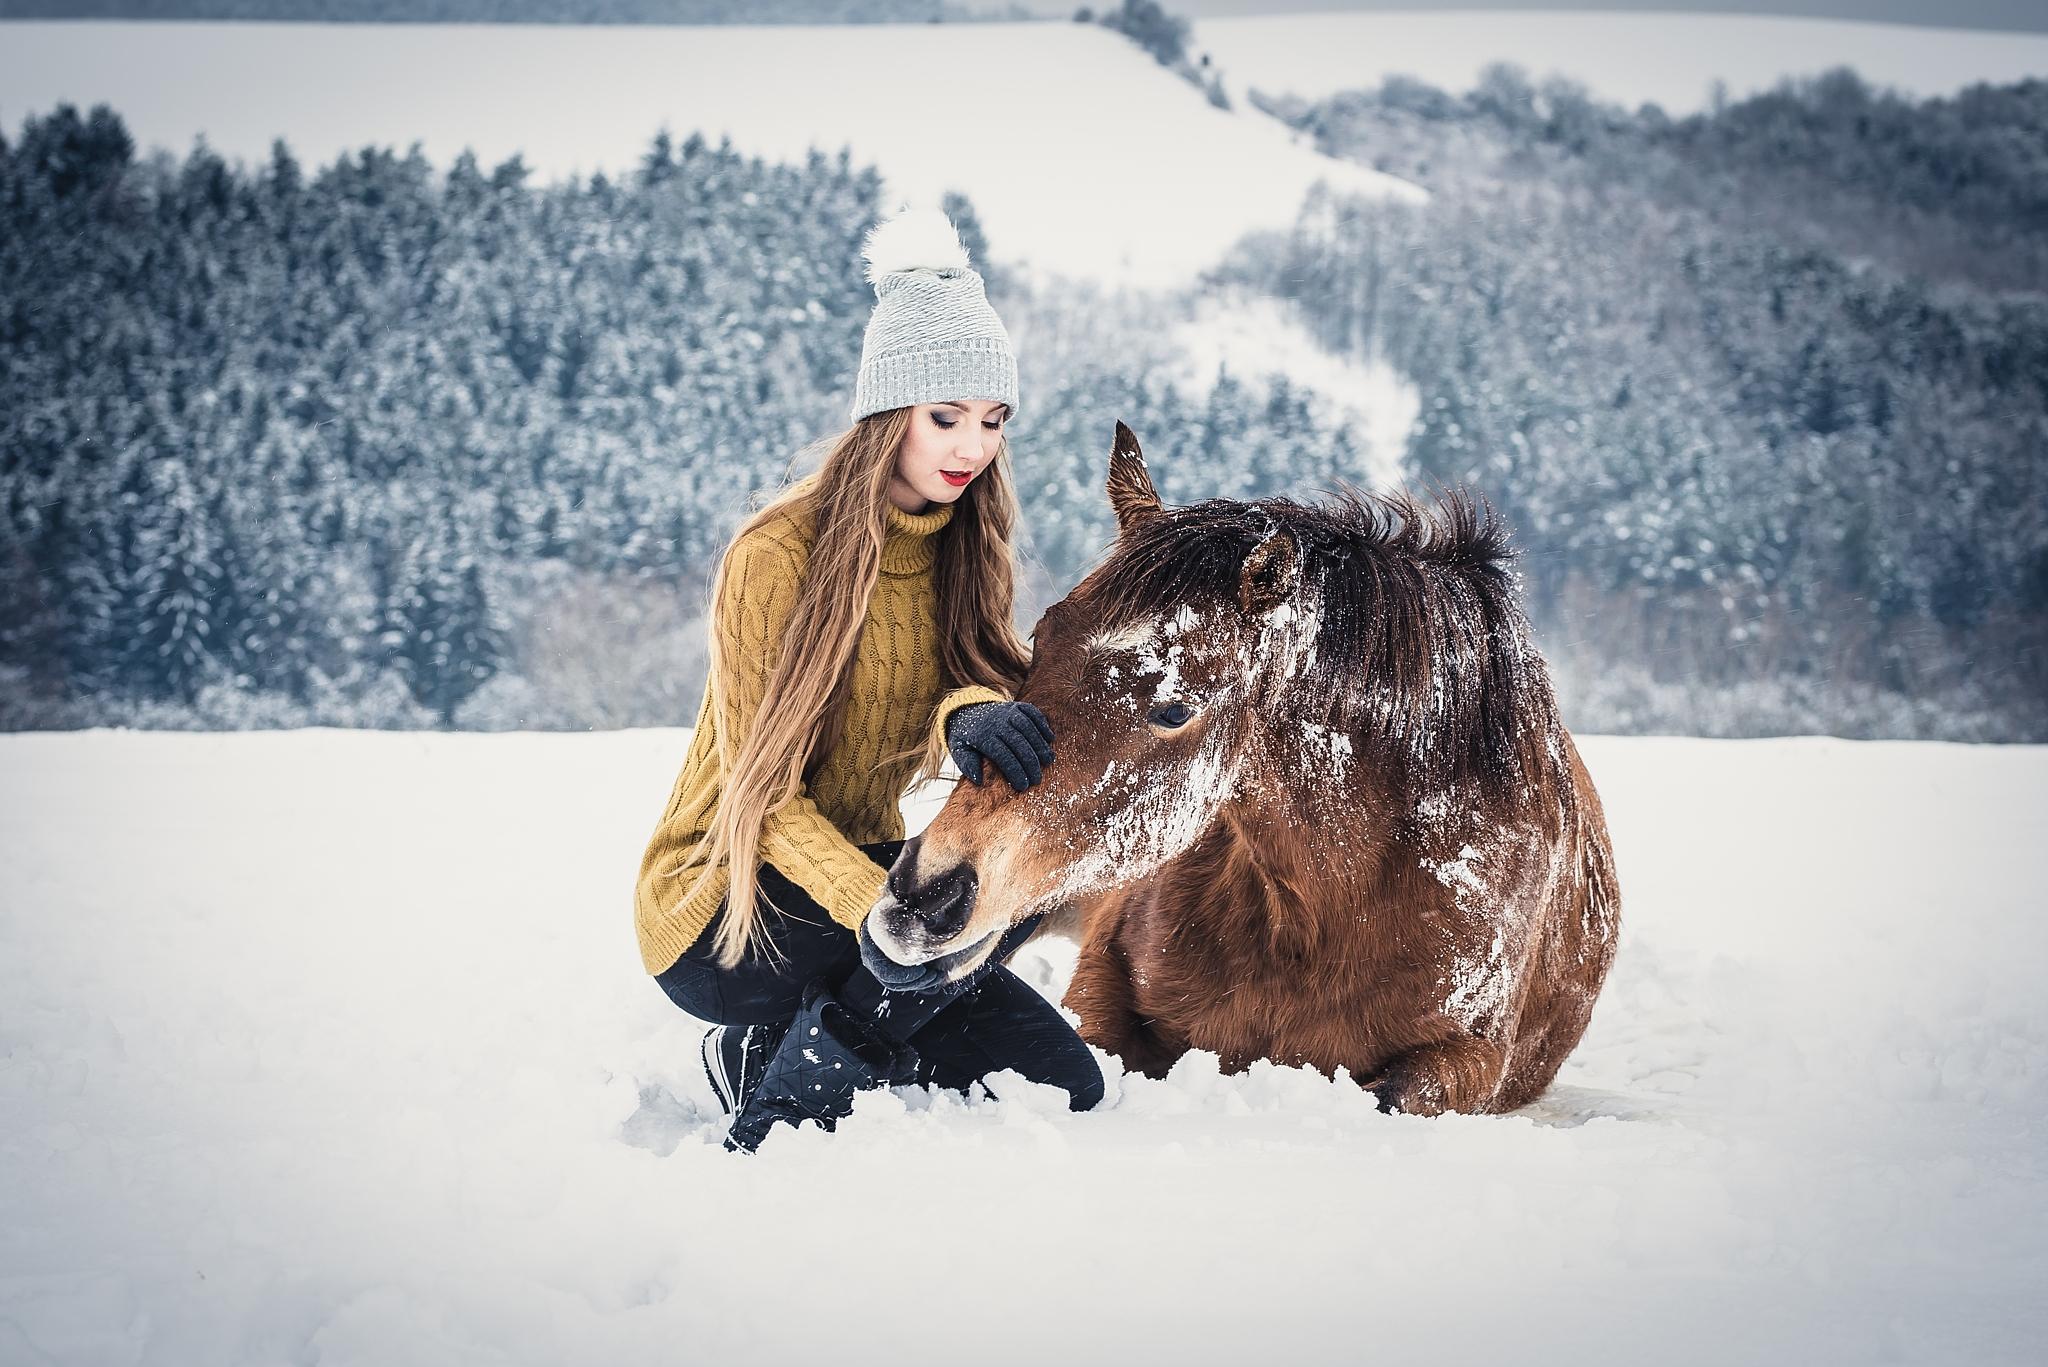 Wie macht man Porträts mit einem Pferd